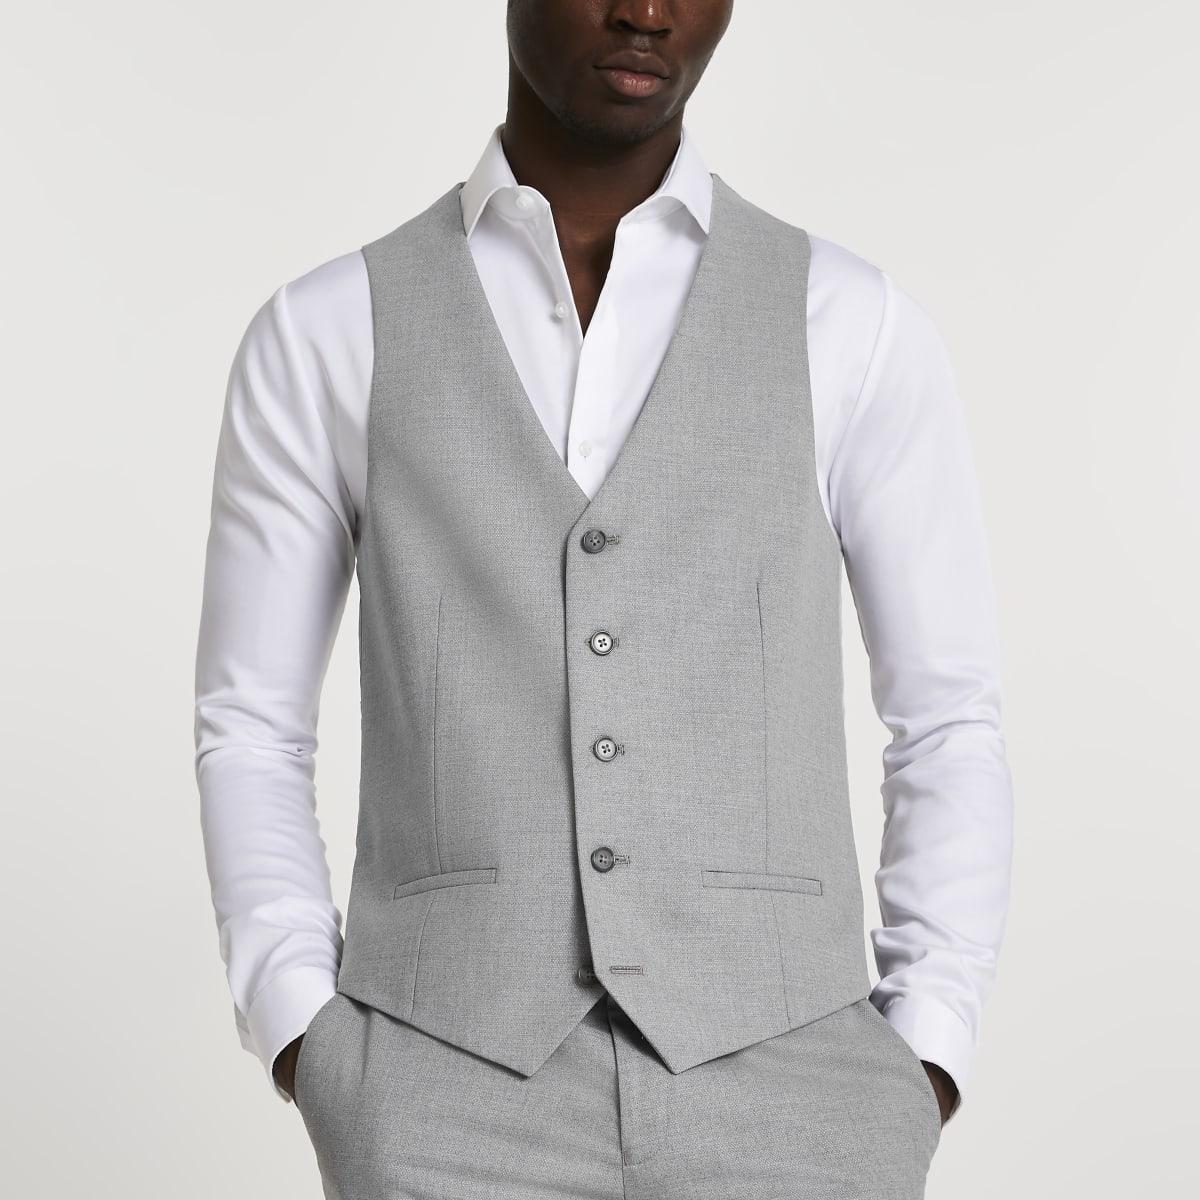 Grey textured suit waistcoat